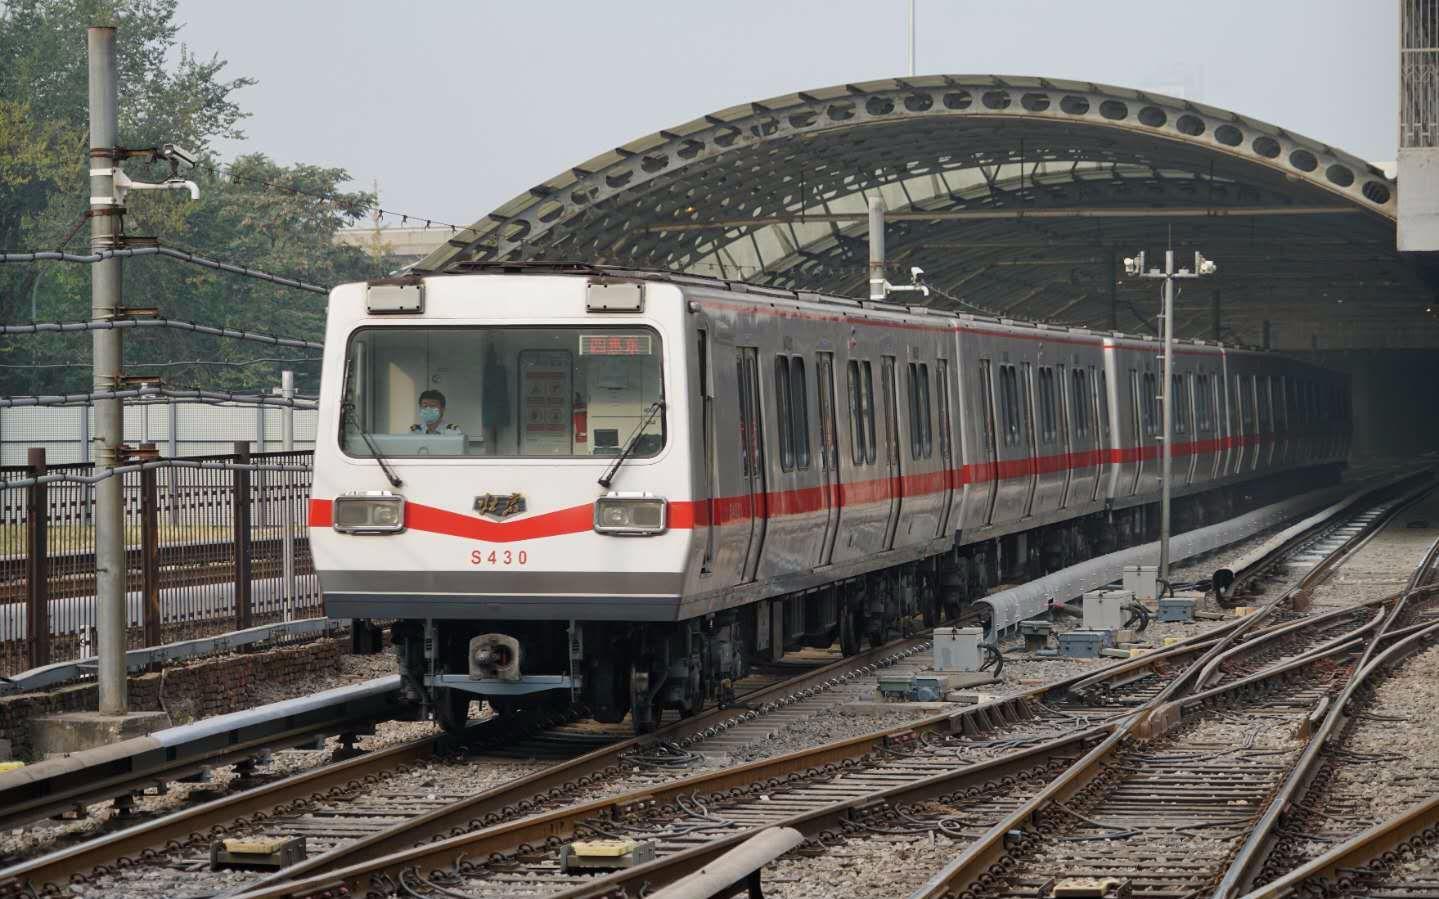 地铁1号线列车即将驶入四惠站,车辆旁边的斜向轨道即为新增设的4组道岔。 记京报新剑 裴者贯通飞。 摄